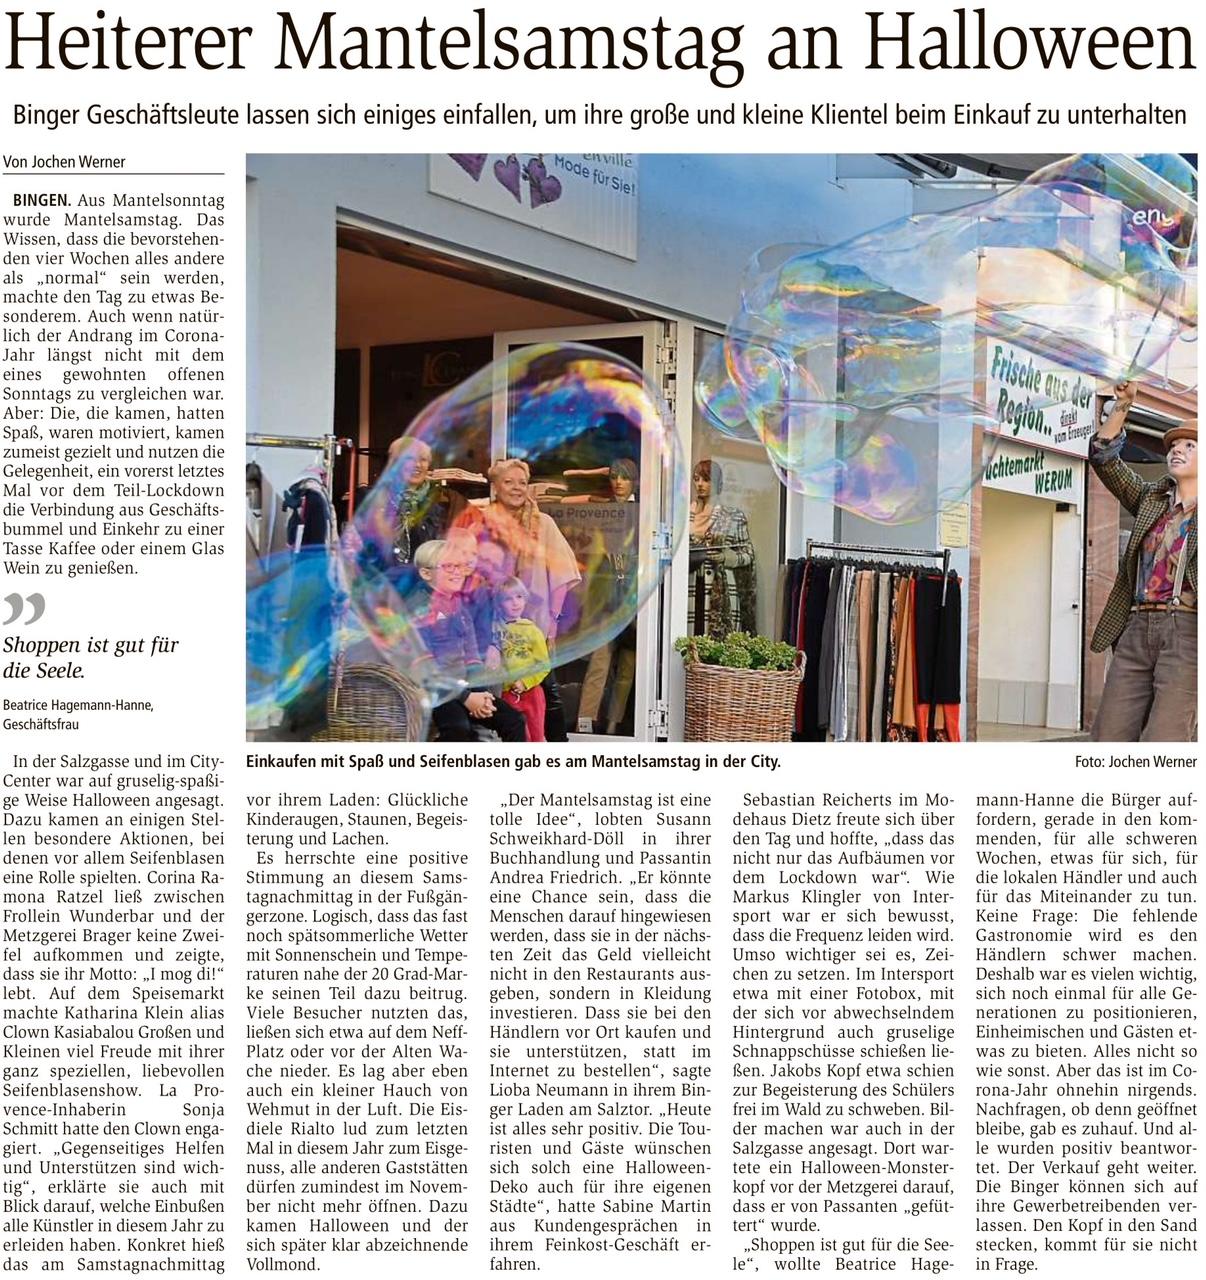 Clown Kasia Balou in Bingen mit Riesenseifenblasen